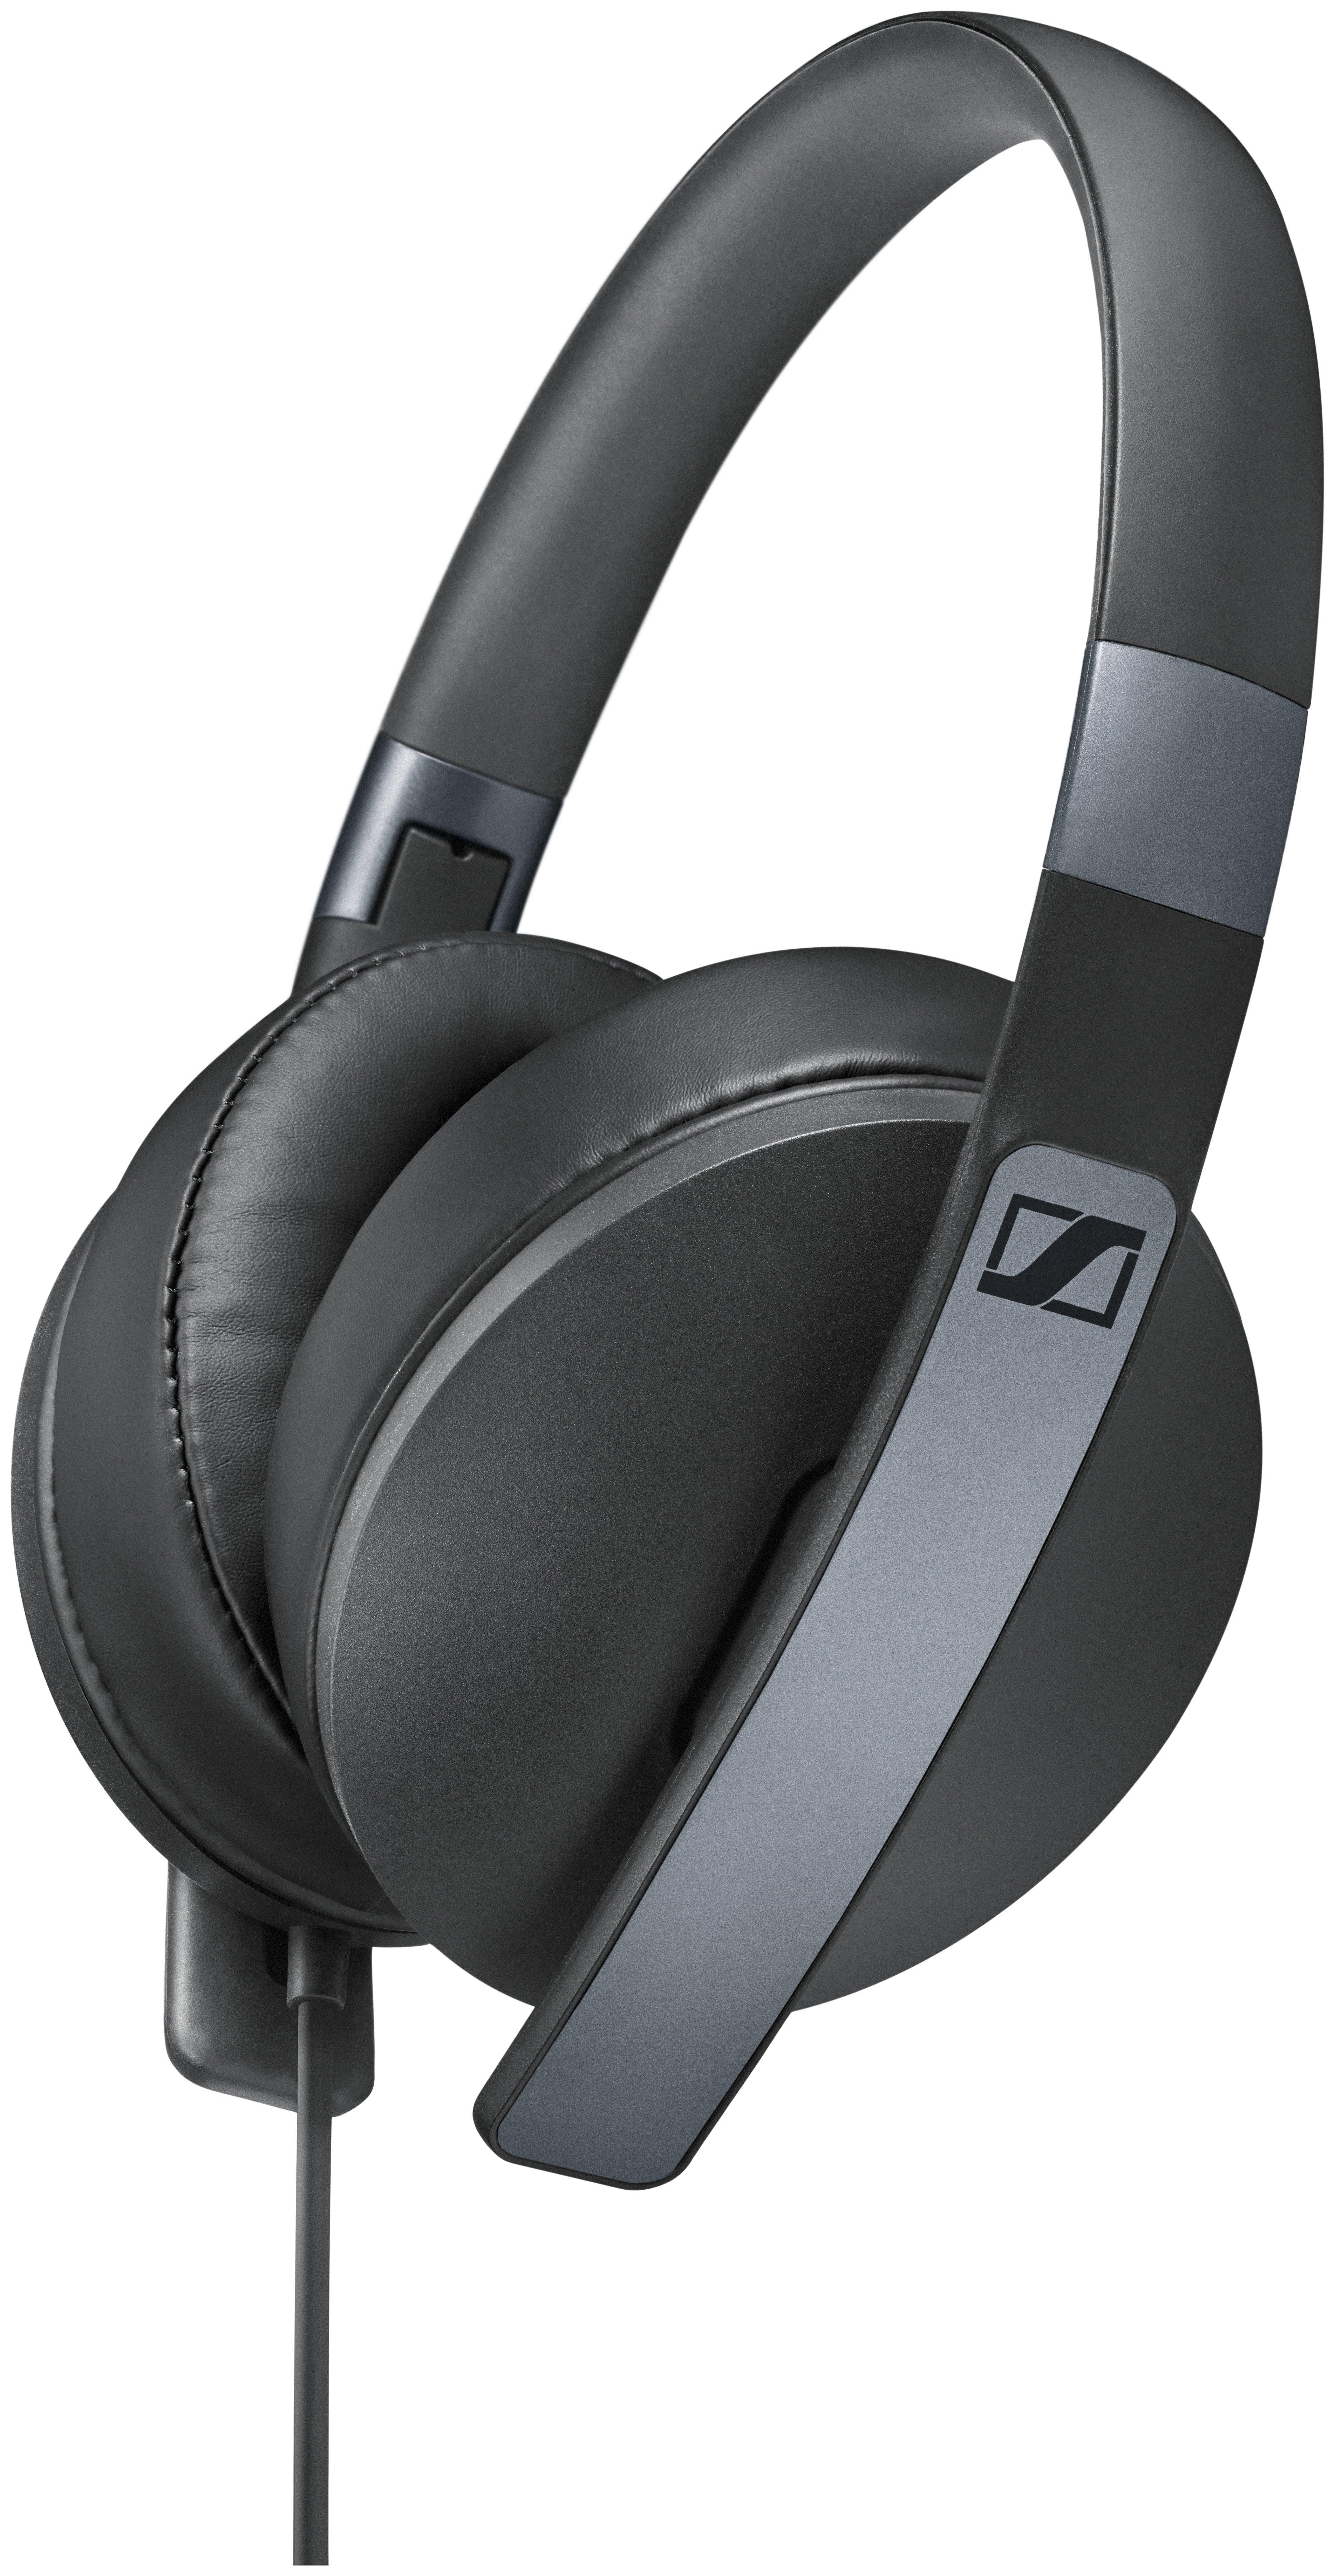 Sennheiser HD 4.20s Around-Ear Headphones for iOS & Android.